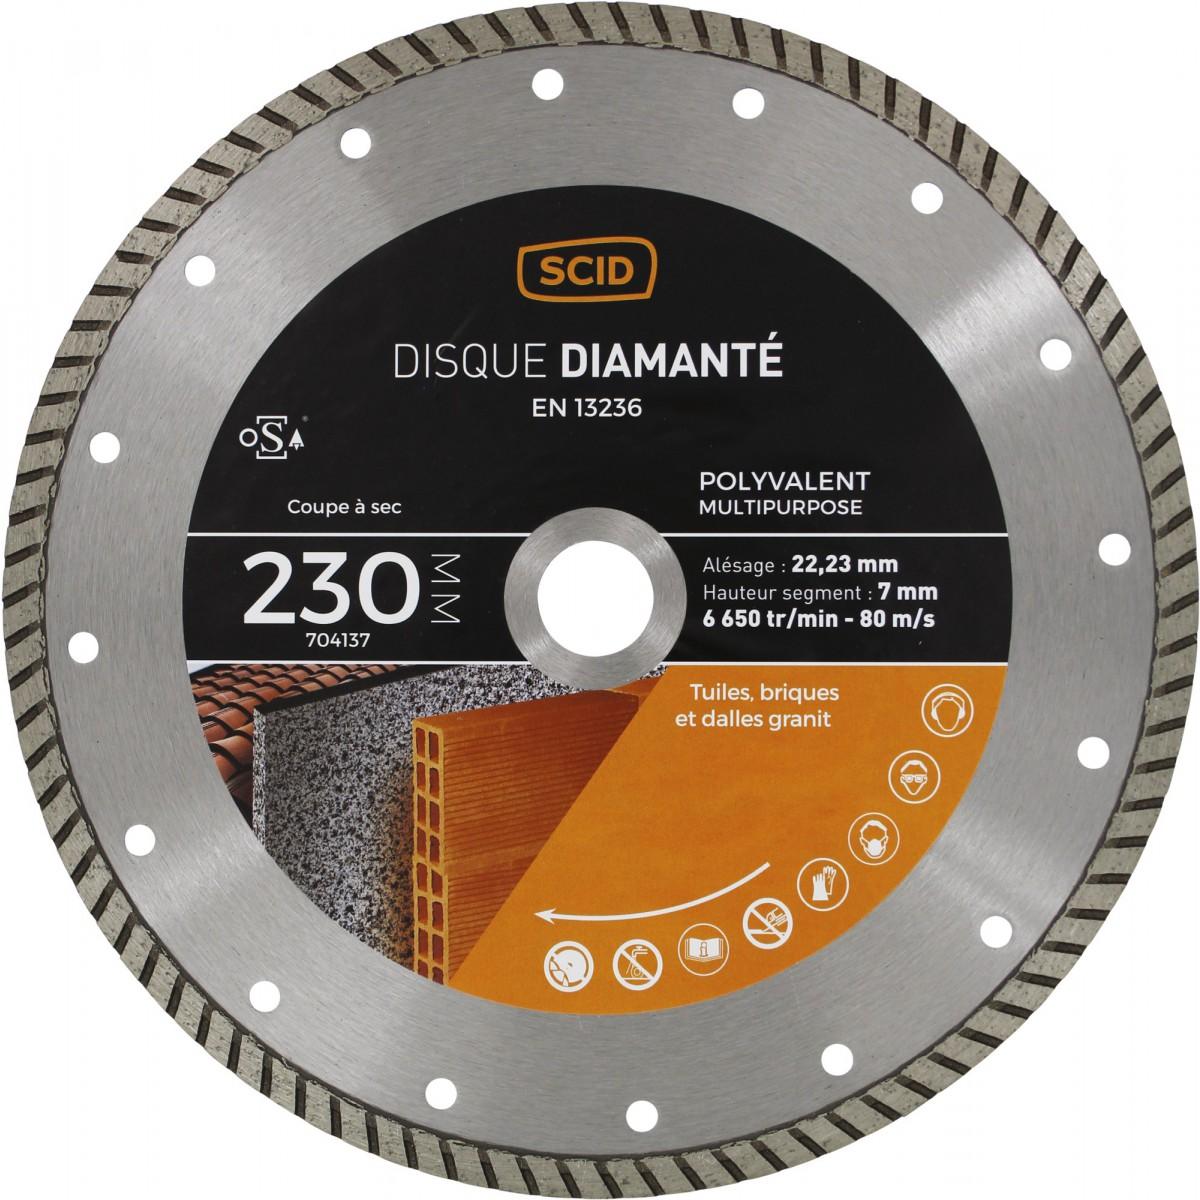 Disque diamanté polyvalent crénelé SCID - Diamètre 230 mm